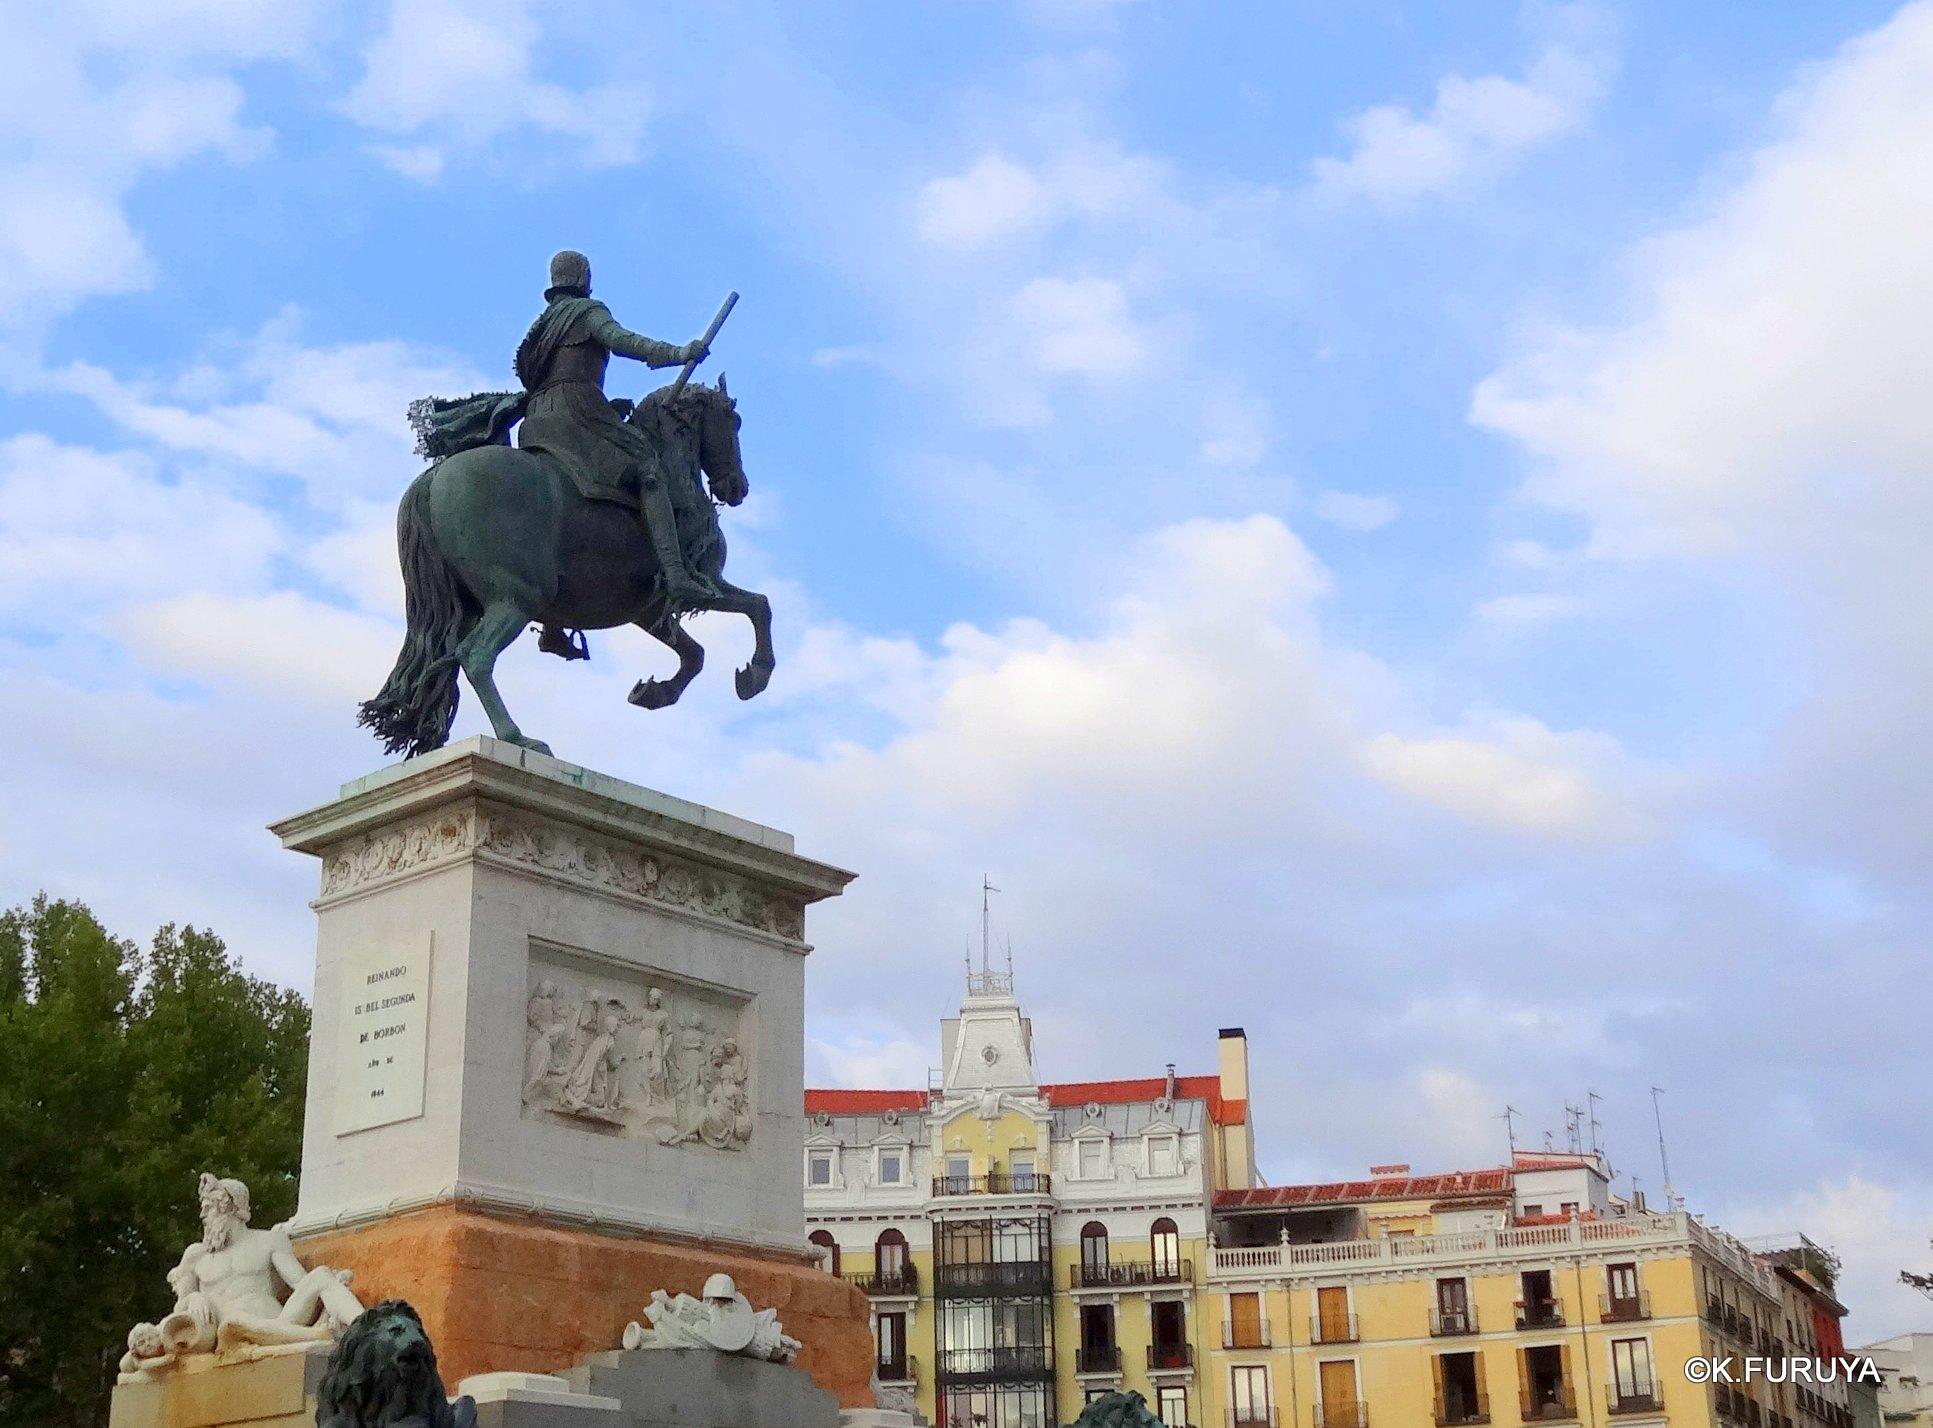 スペイン旅行記 4 マドリード スペイン広場と王宮_a0092659_2218990.jpg